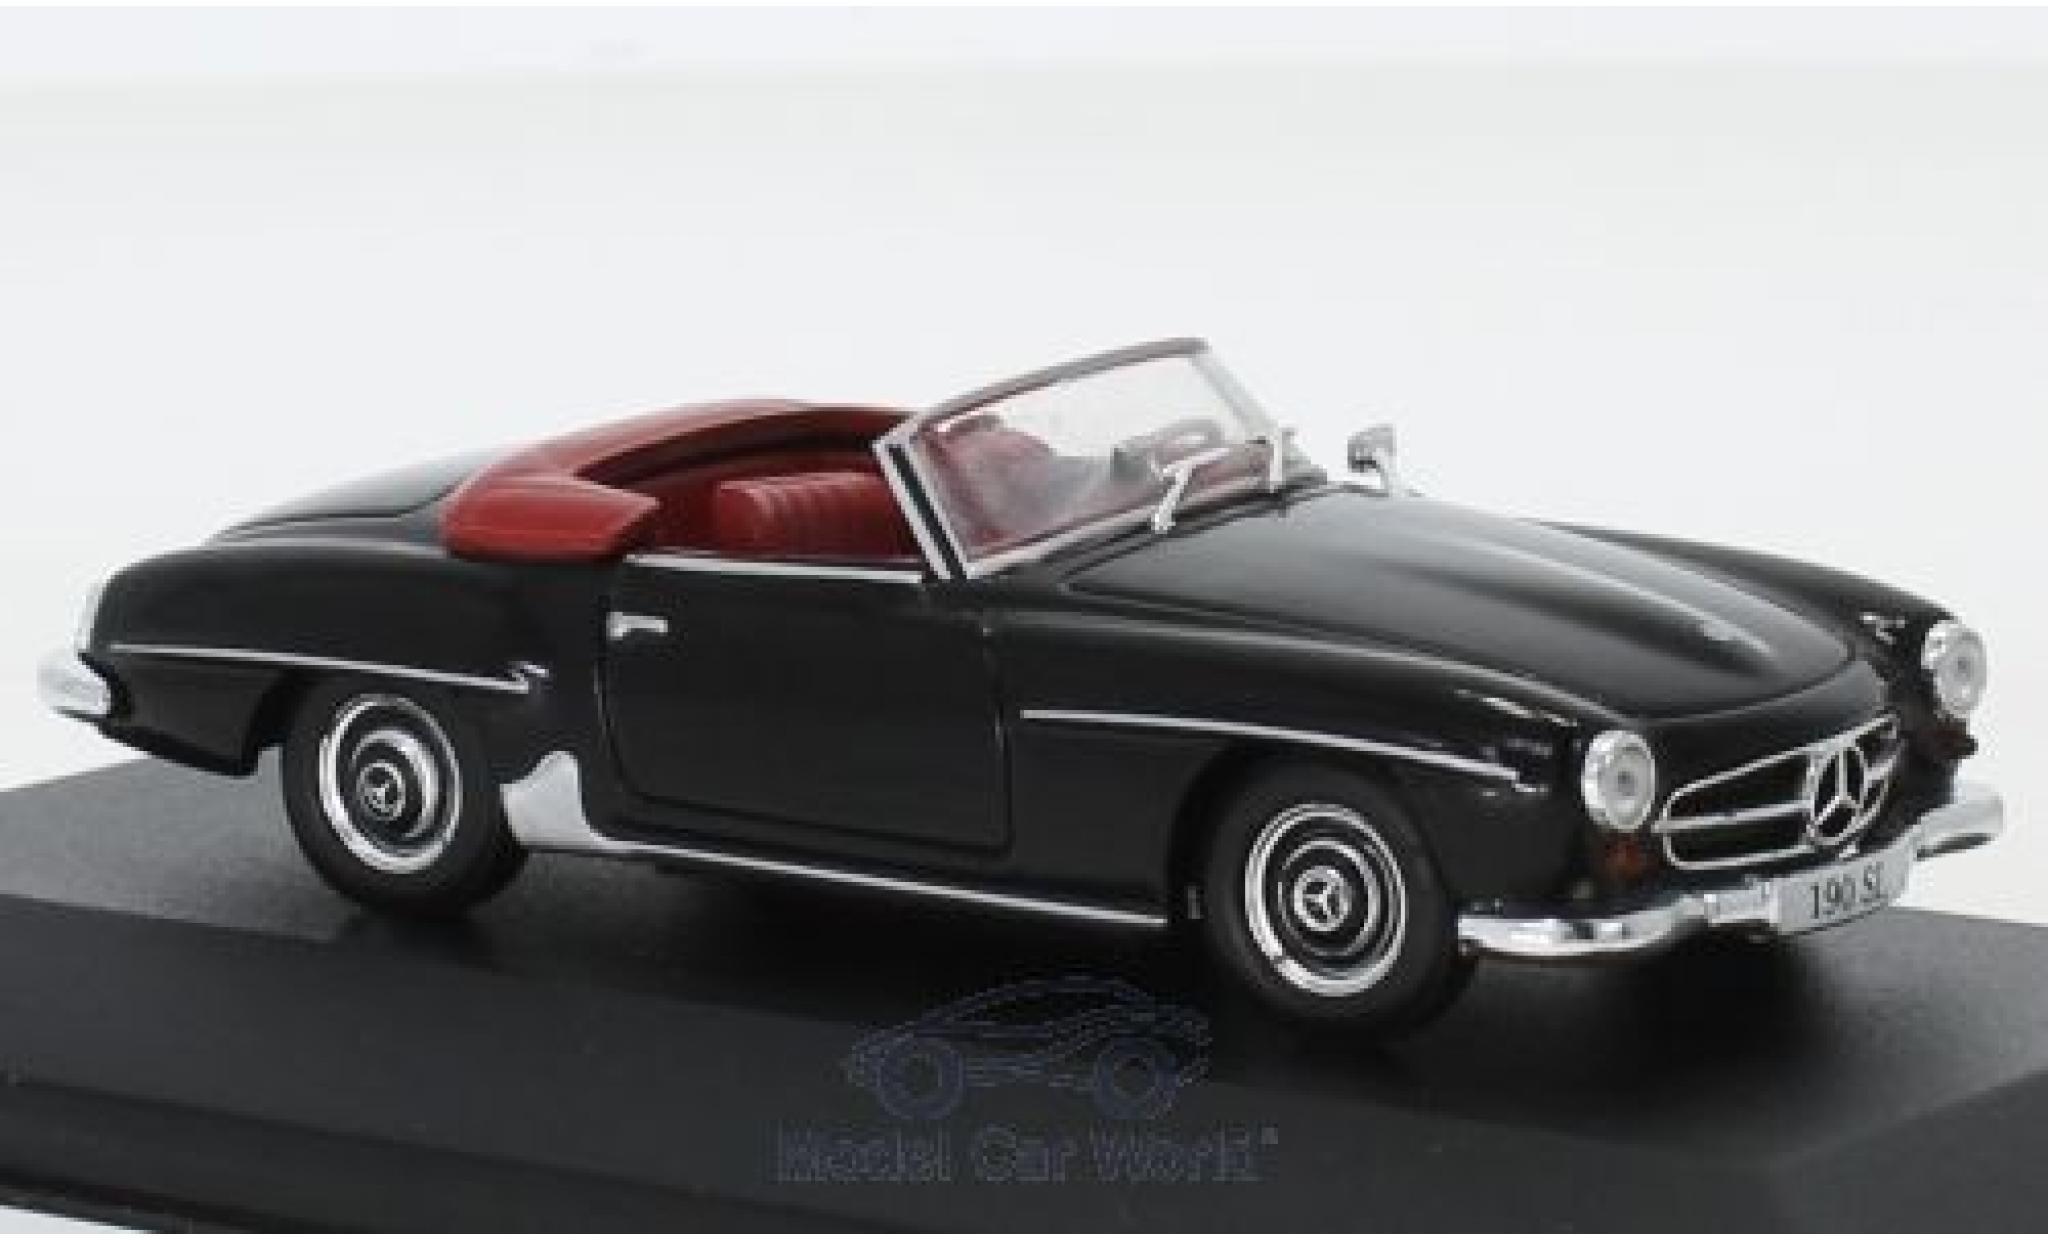 Mercedes 190 1/43 I PCT SL (W121) negro 1955